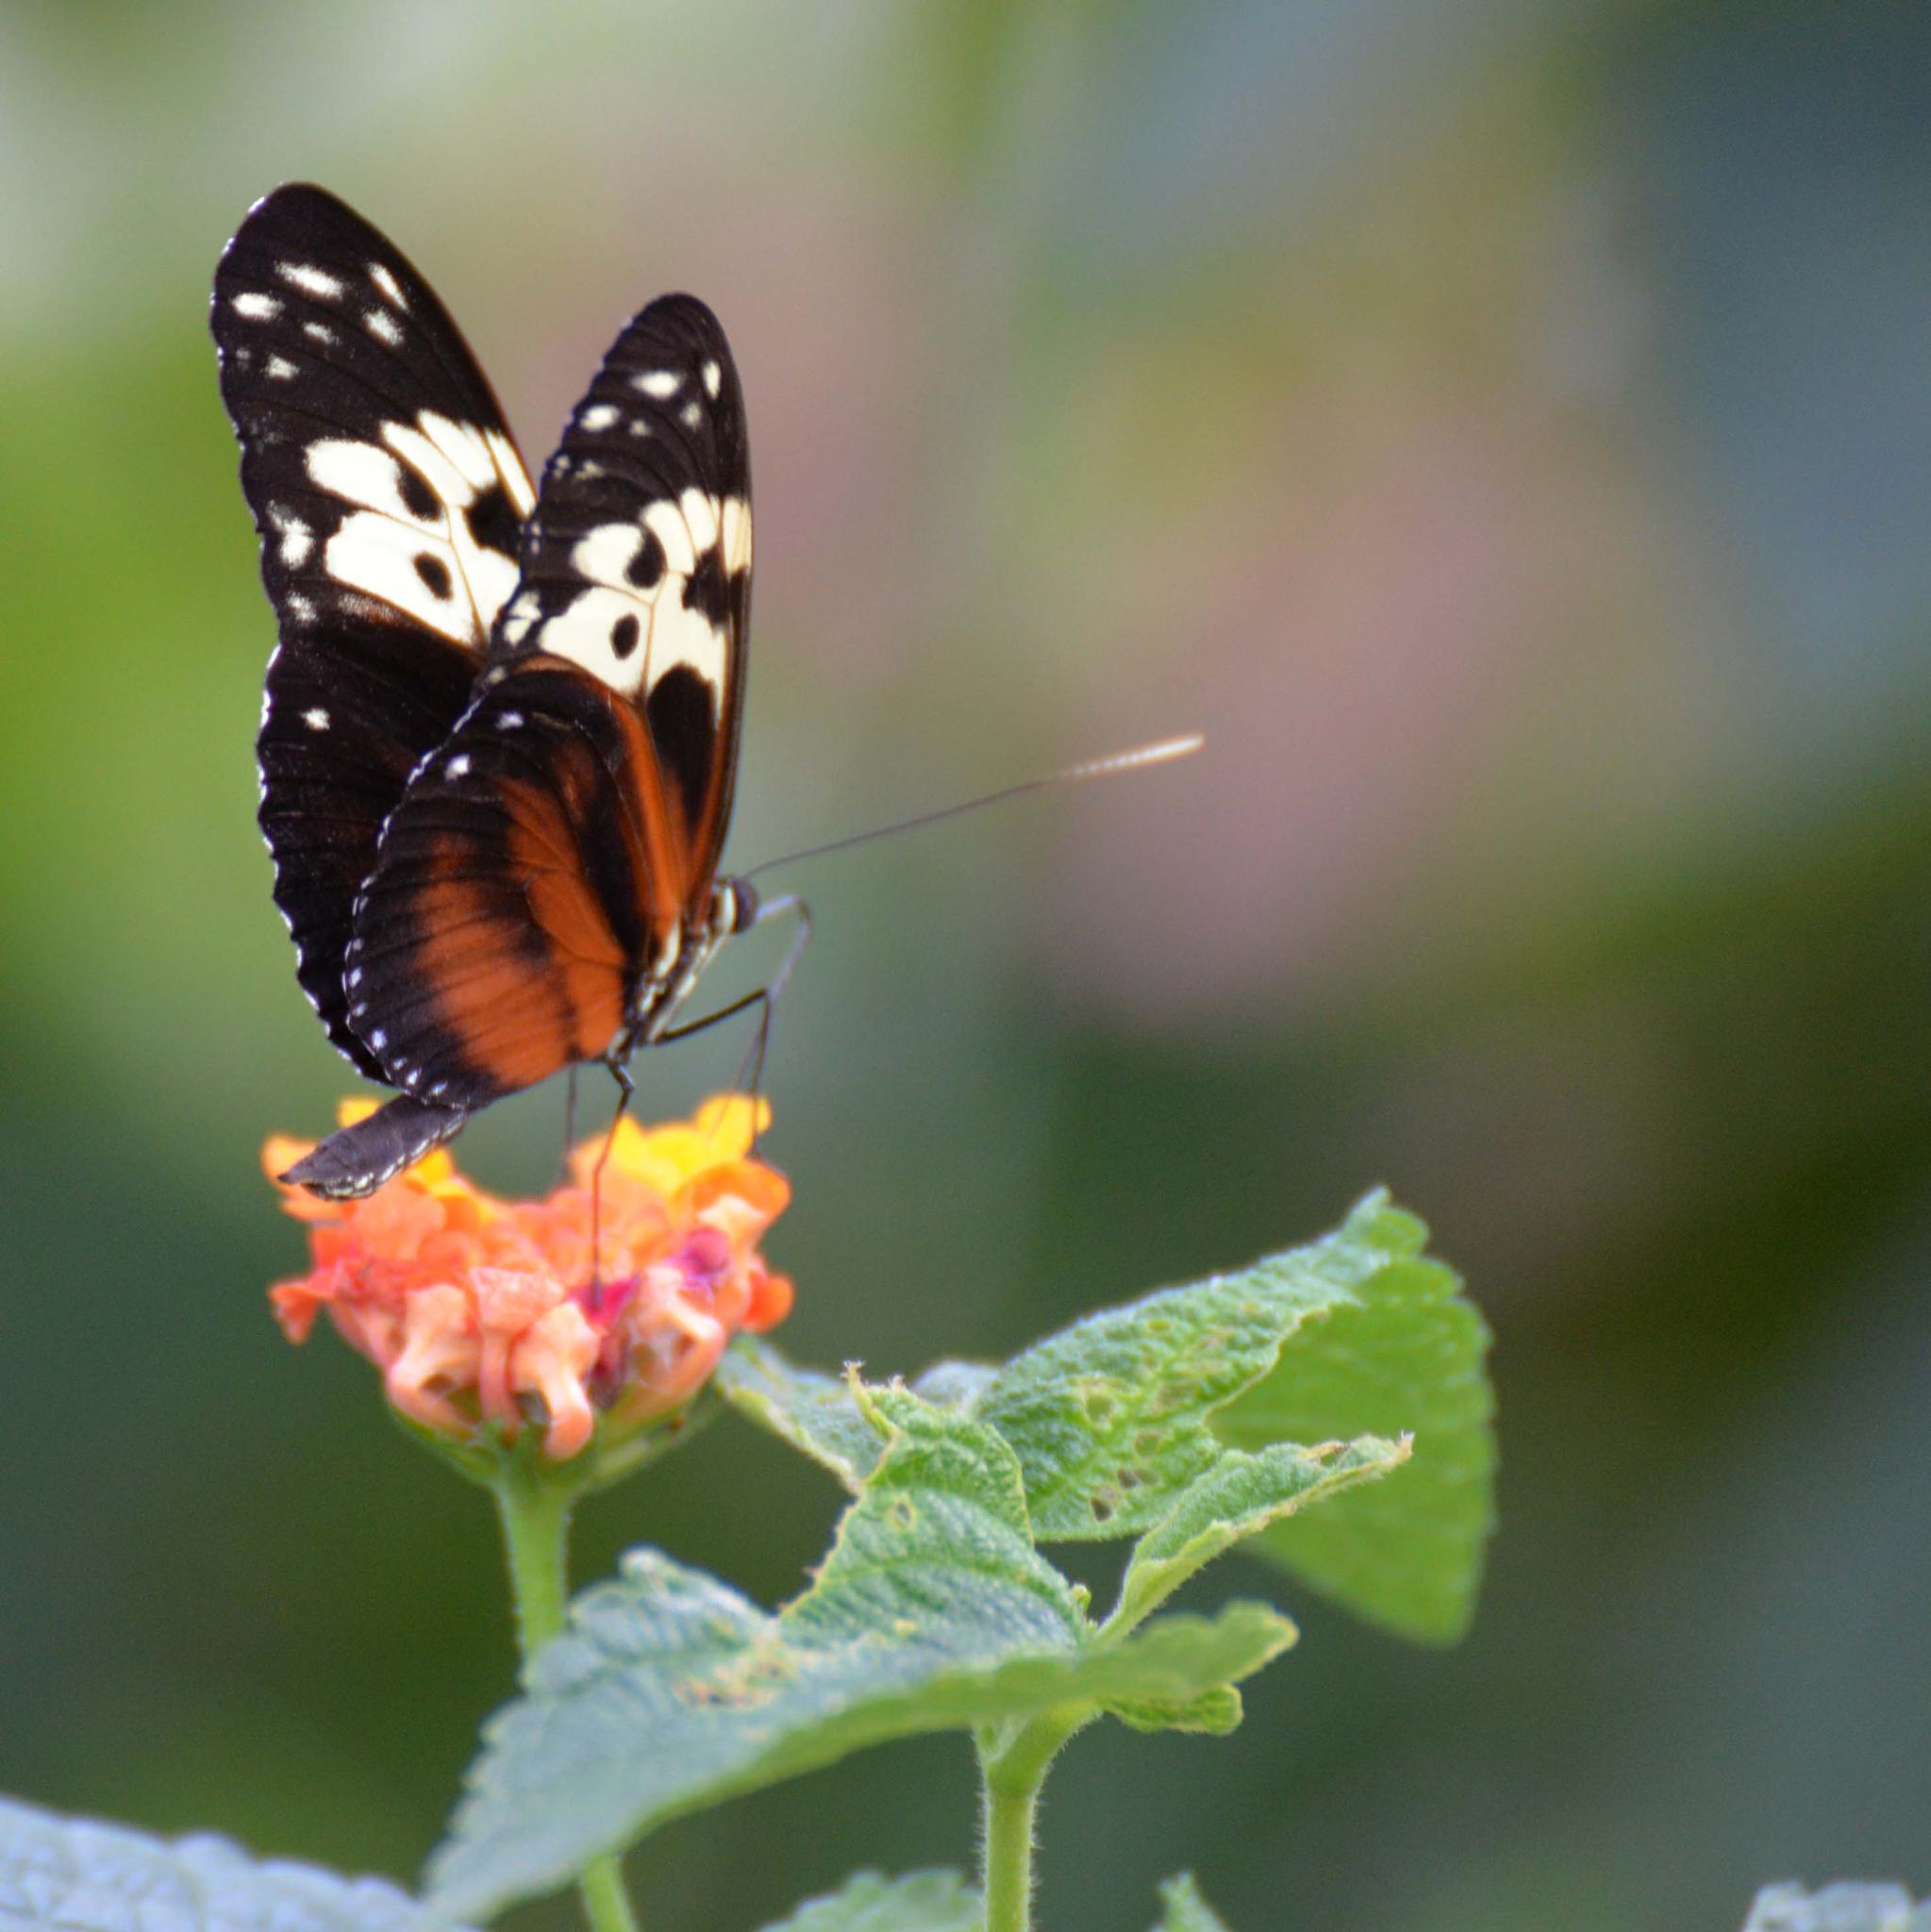 Butterfly On Flower by Aligeeach